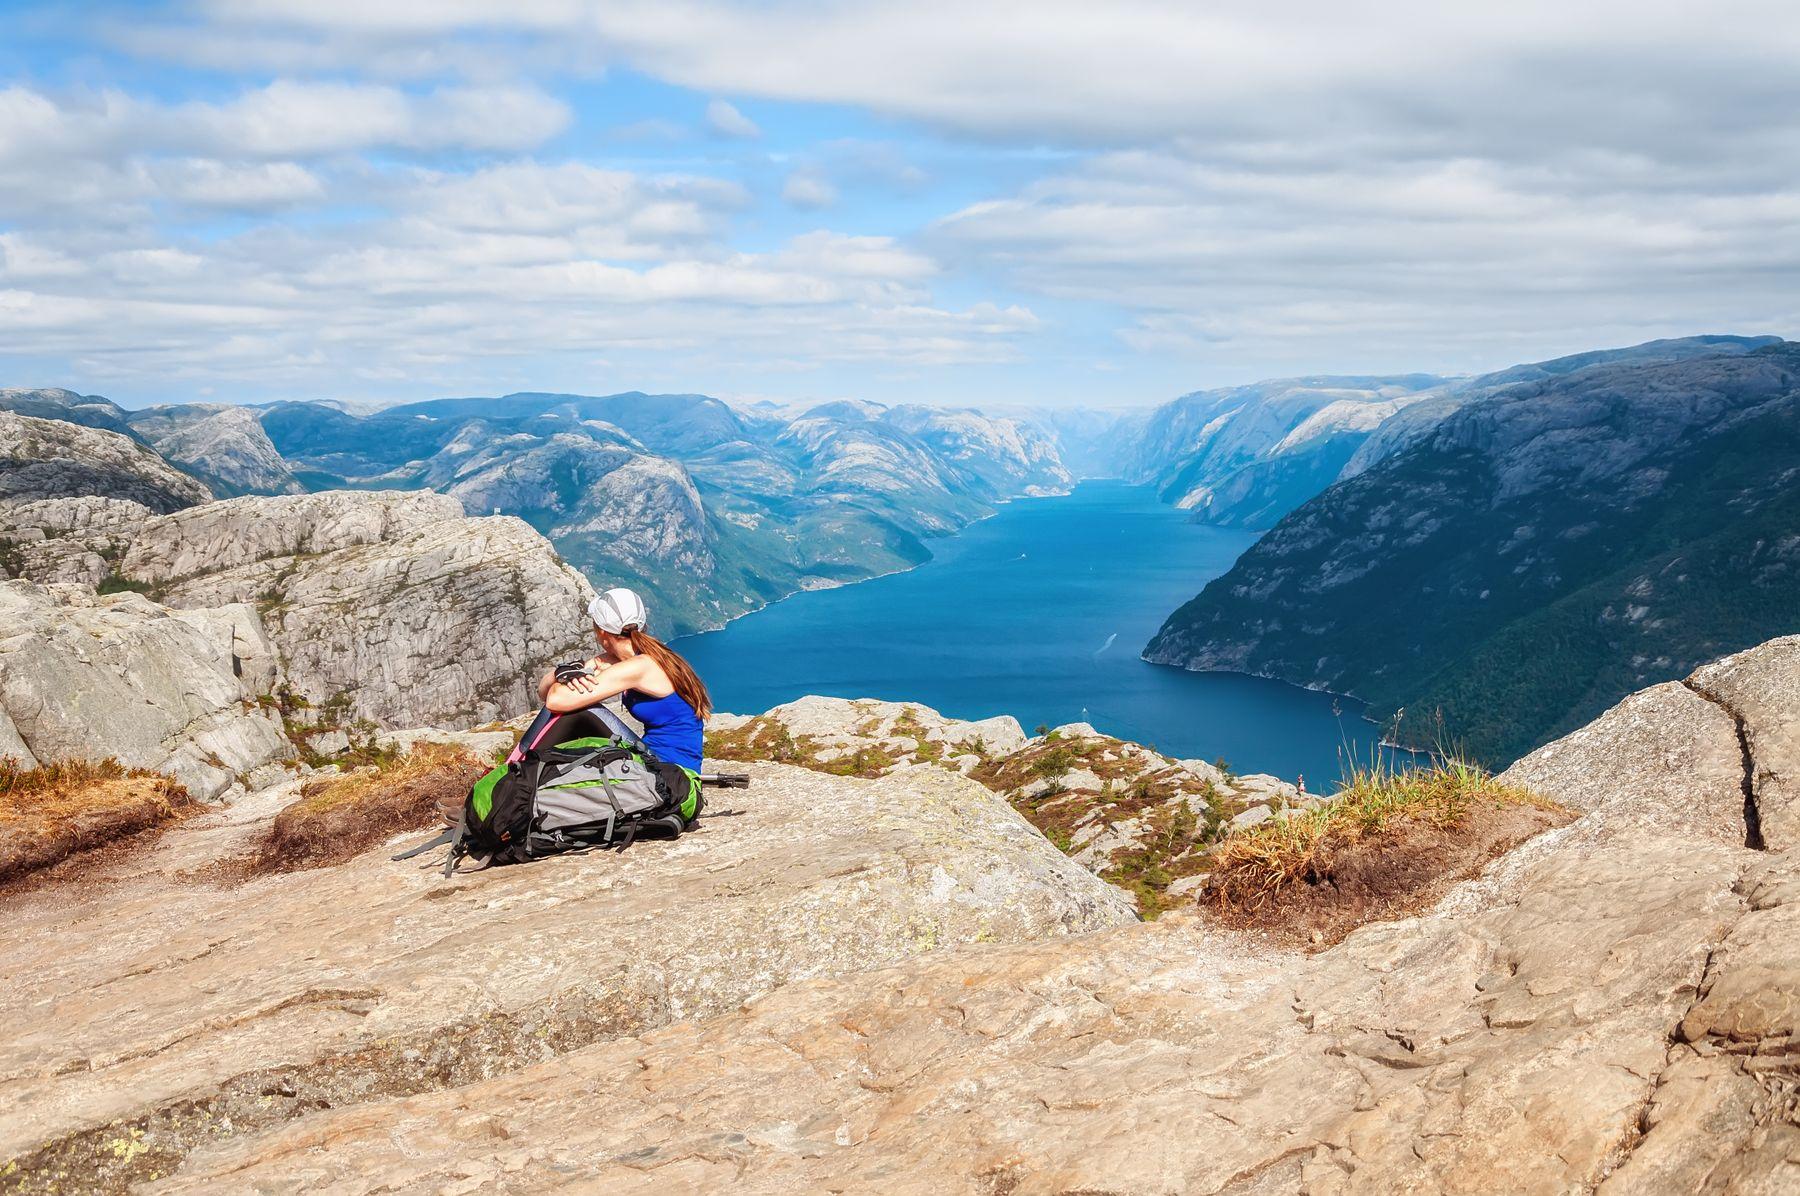 Над фьордом Норвегия фьорды